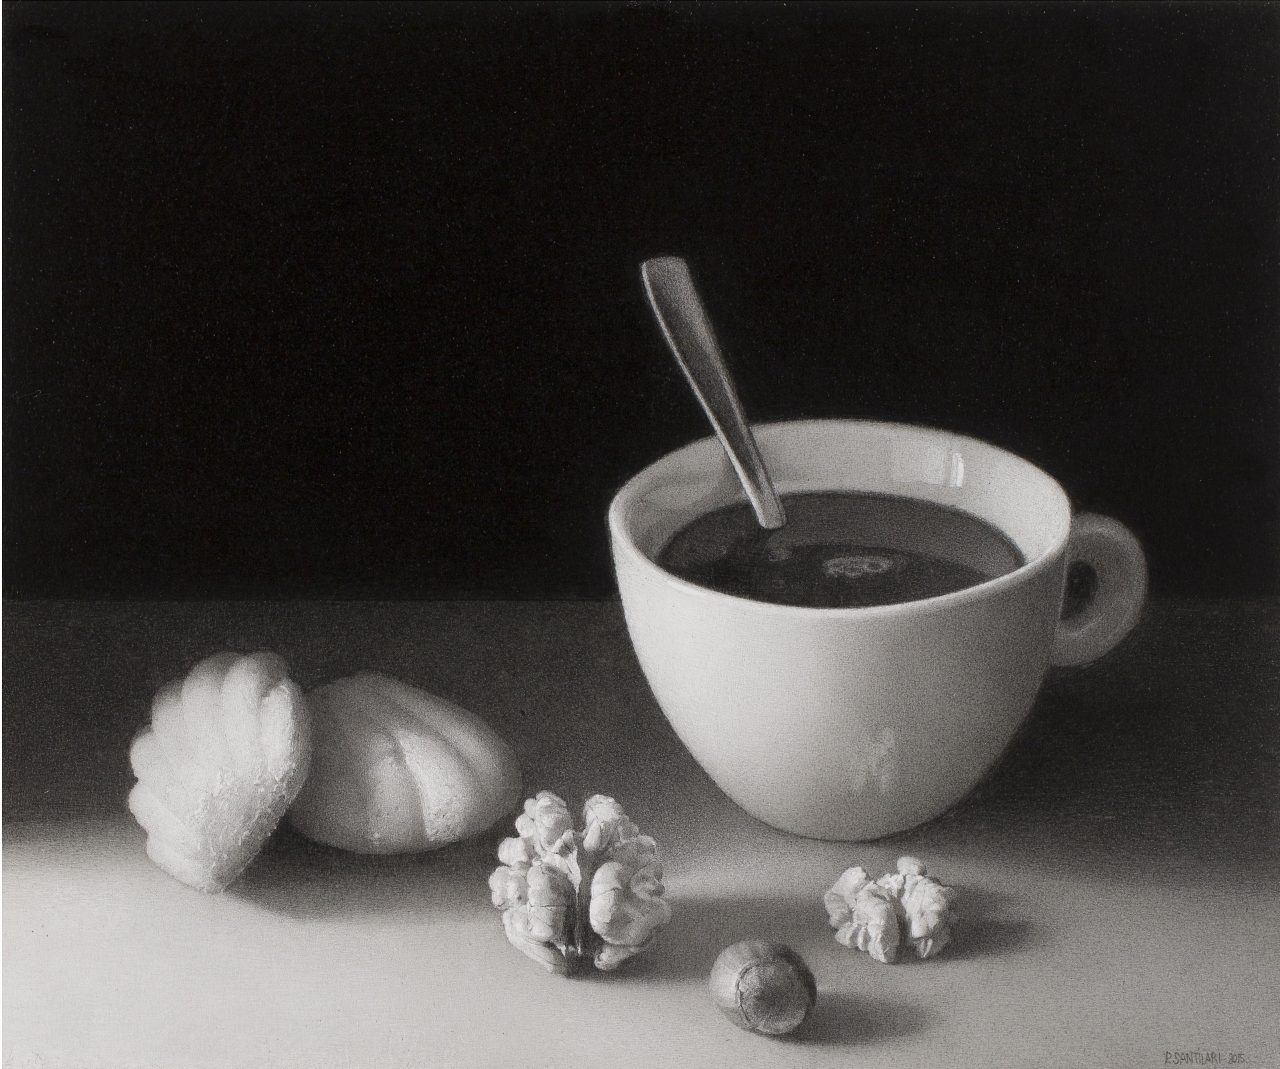 Pere Santilari, L'hora del te